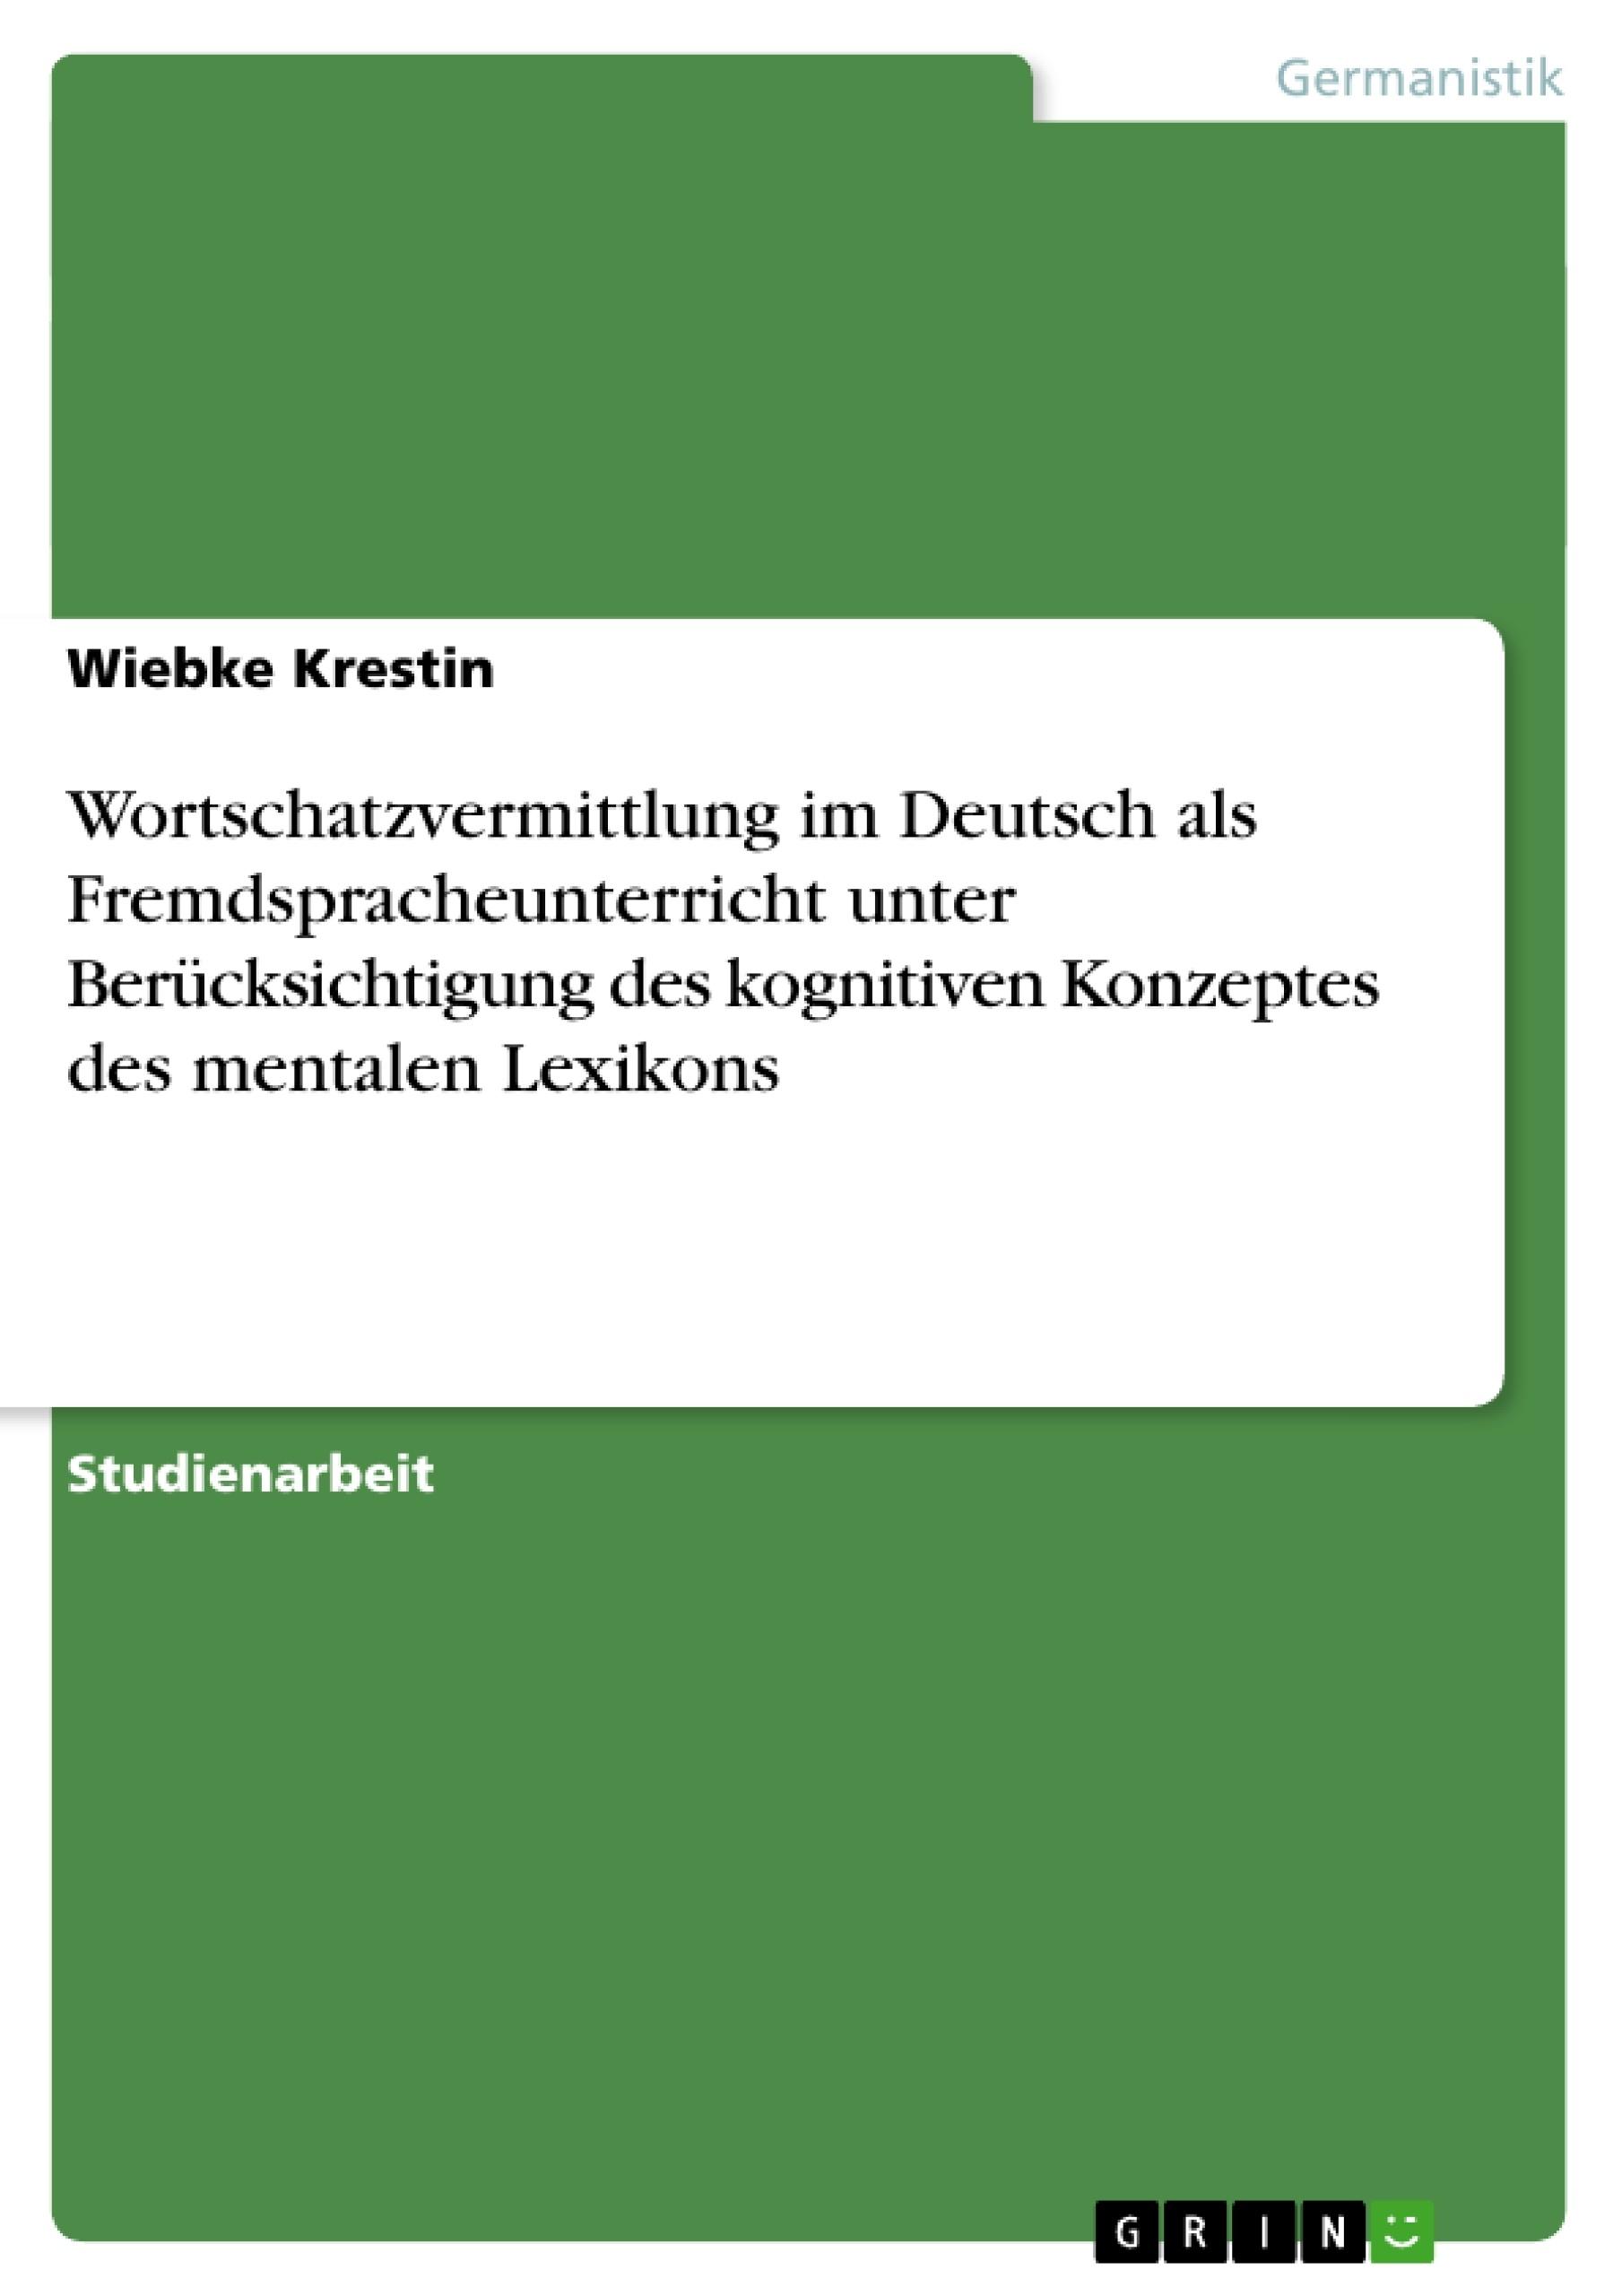 Titel: Wortschatzvermittlung im Deutsch als Fremdspracheunterricht unter Berücksichtigung des kognitiven Konzeptes des mentalen Lexikons